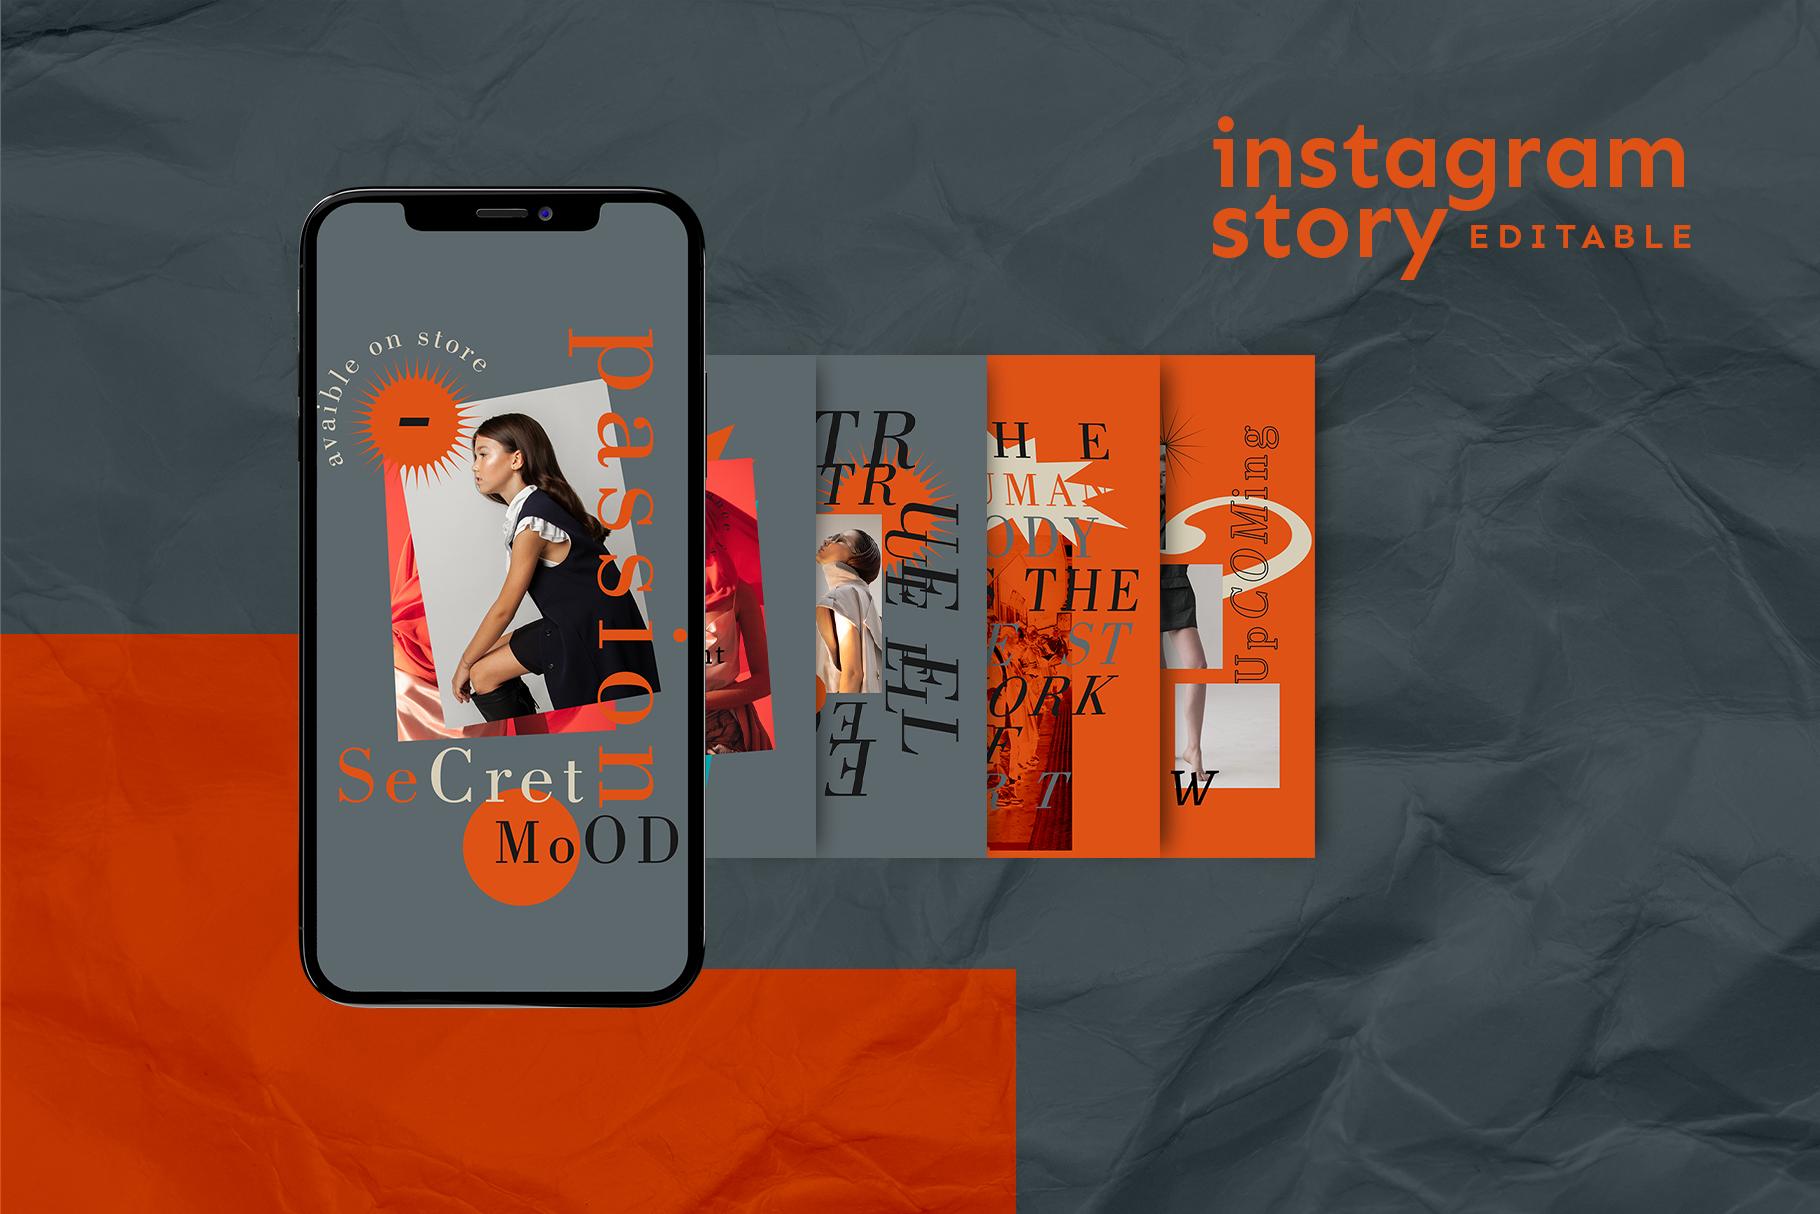 潮流女装推广电商新媒体海报设计PSD模板 Instagram Story Template插图(1)